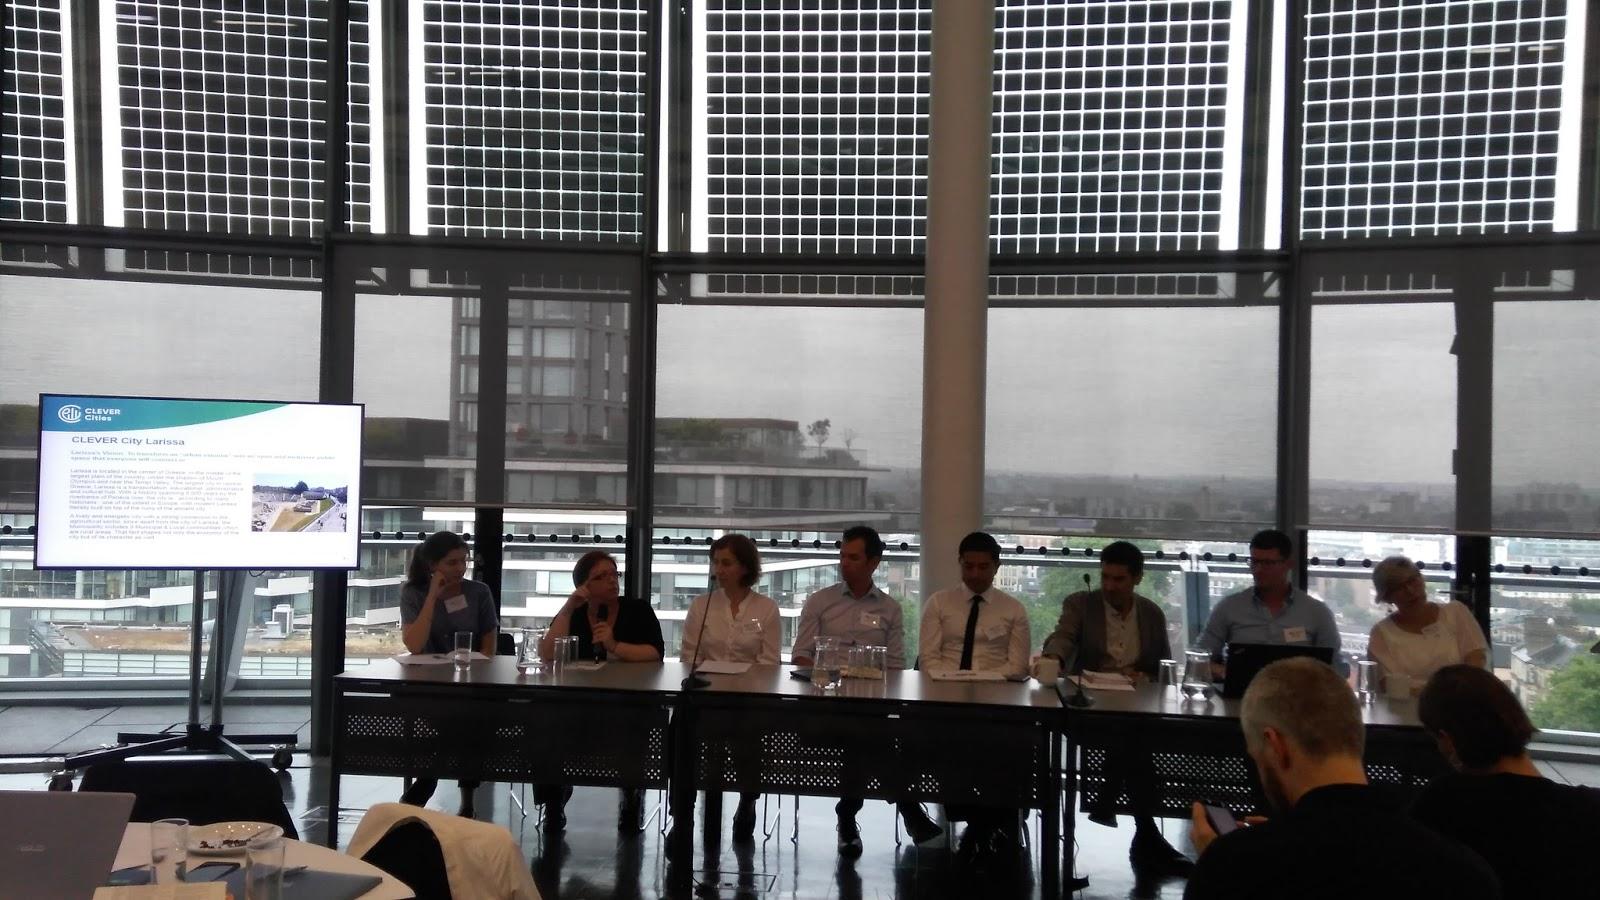 Προχωρά η υλοποίηση του ευρωπαϊκού προγράμματος HORIZON 2020 CLEVER Cities από το Δήμο Λαρισαίων